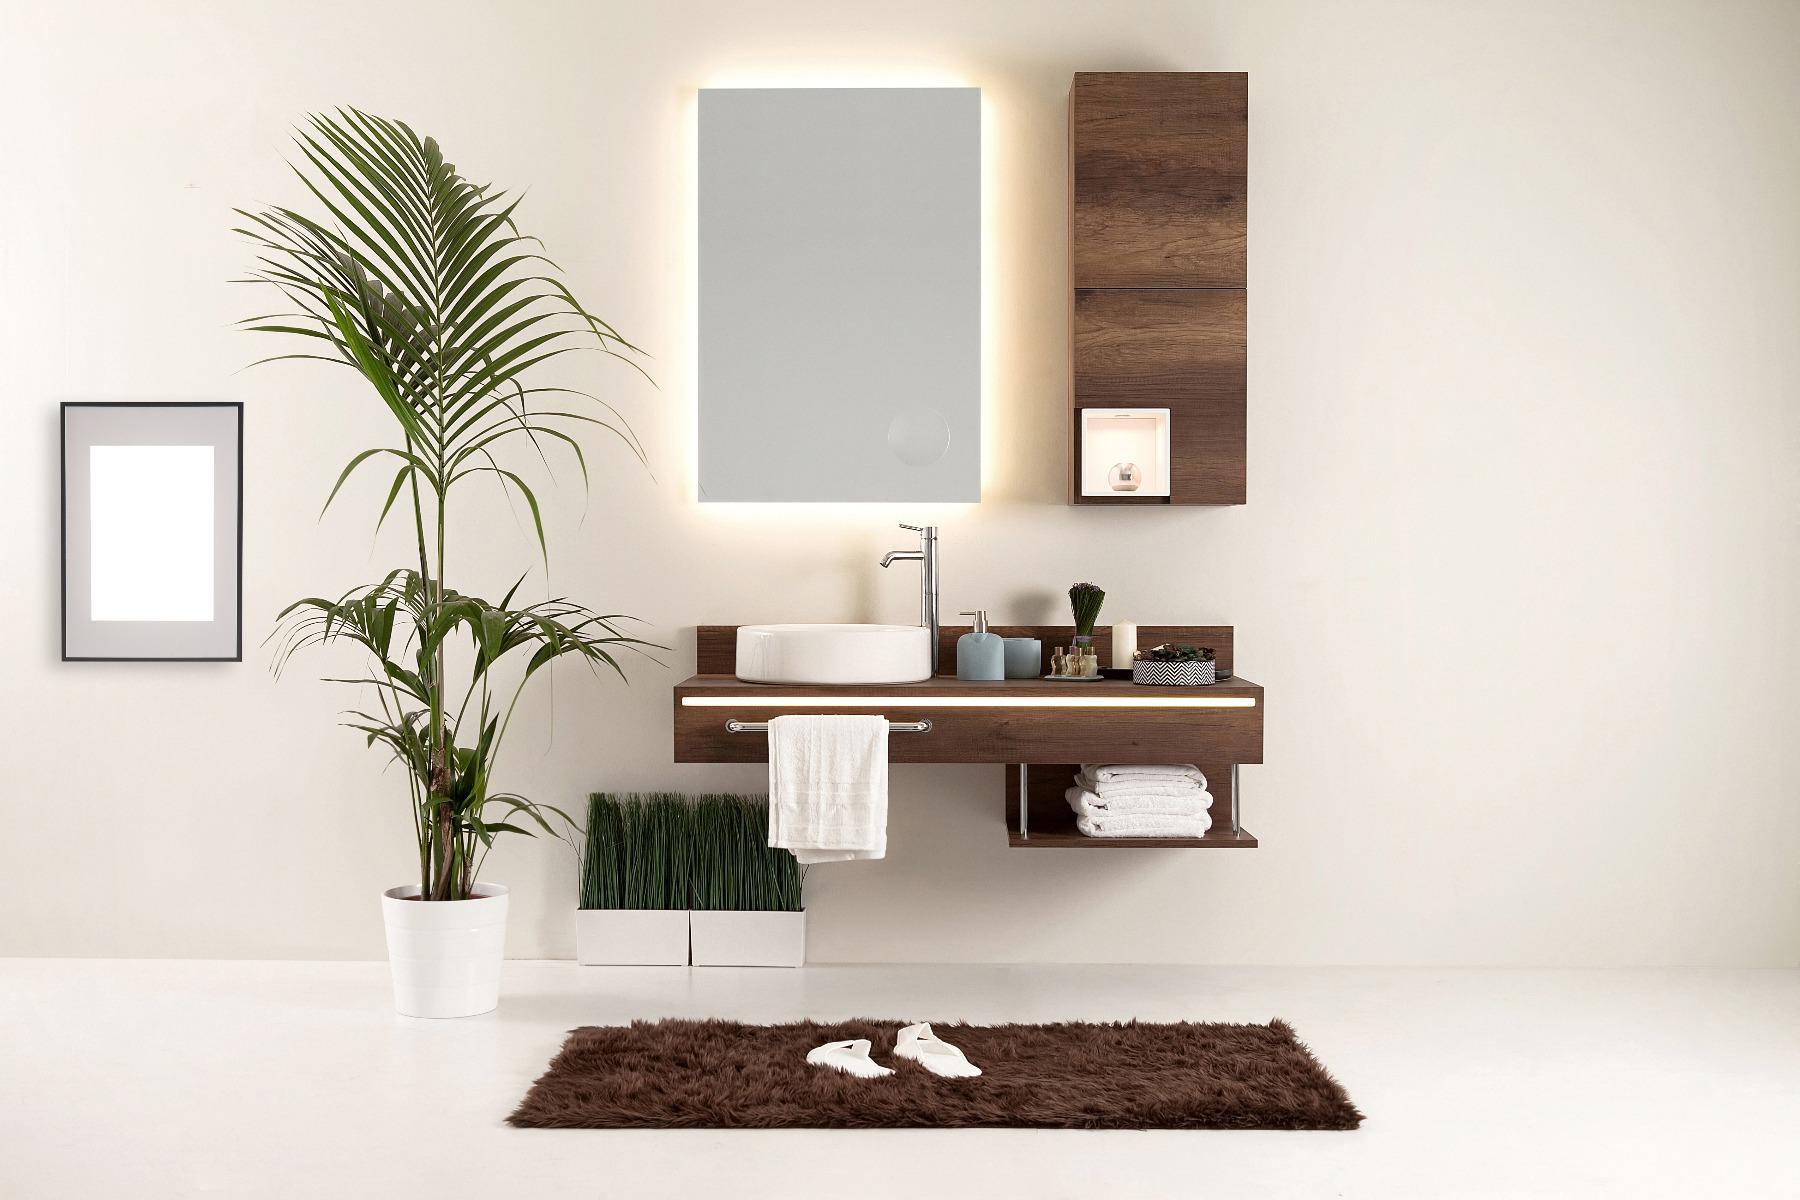 Das Bild zeigt schöne Badezimmermöbel.